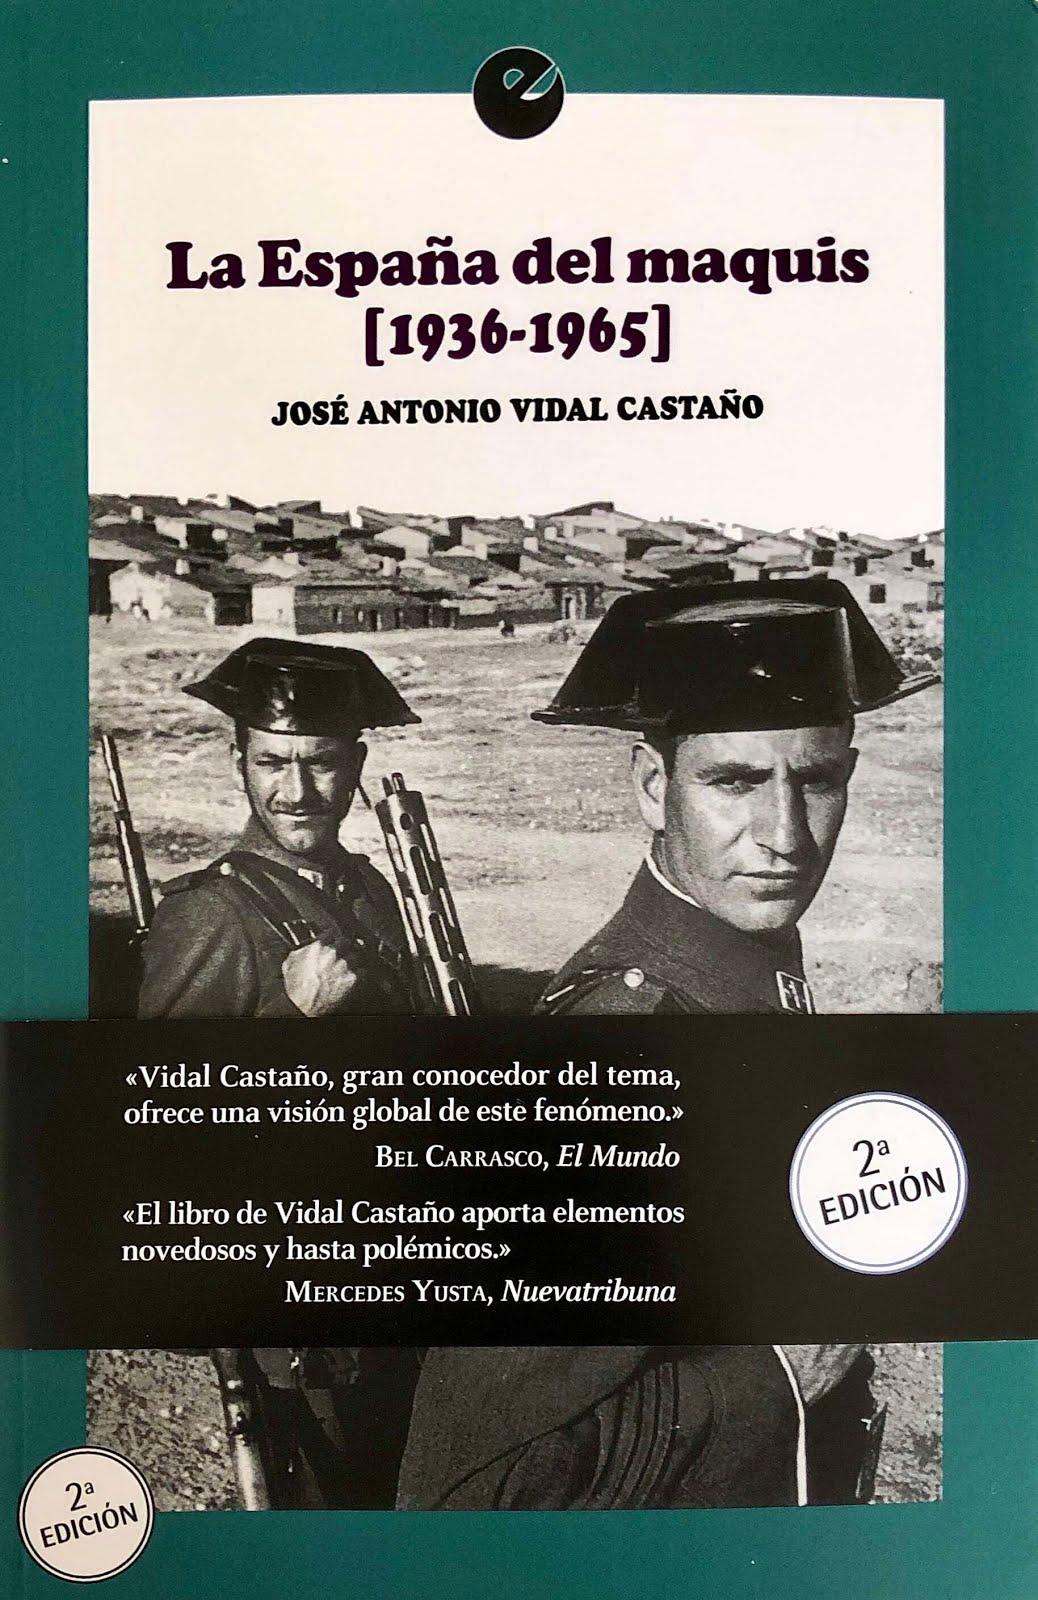 LA ESPAÑA DEL MAQUIS (1936-1965). Segunda edición (papel), revisada. Febrero de 2018